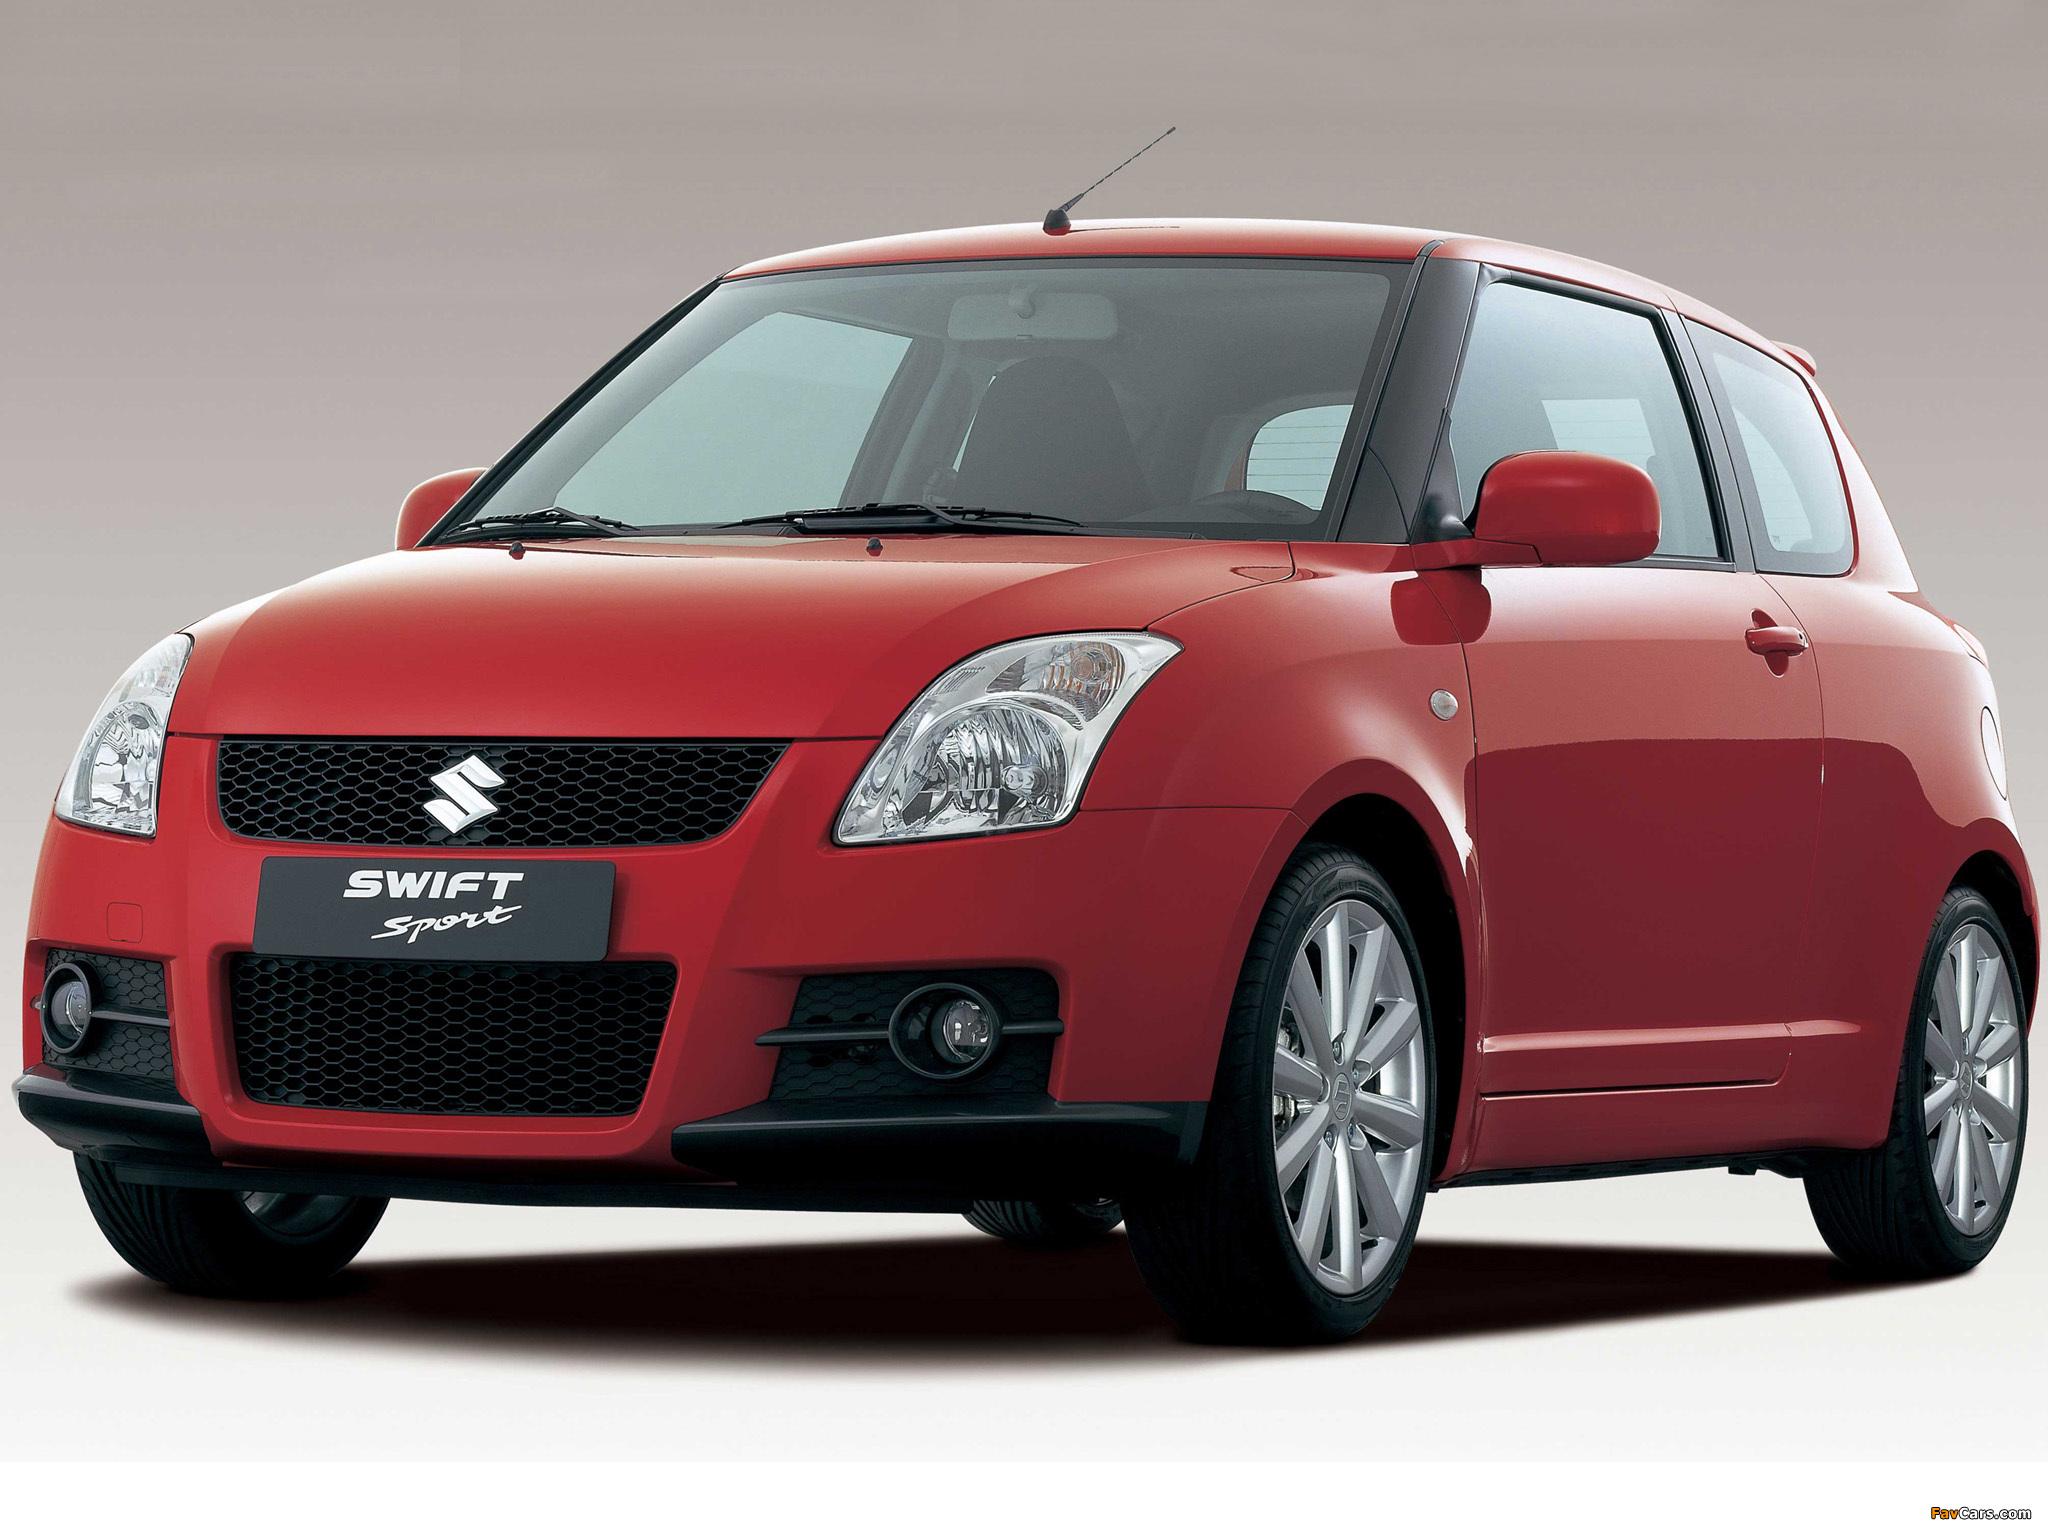 Photos Of Suzuki Swift Sport 2005 11 2048x1536